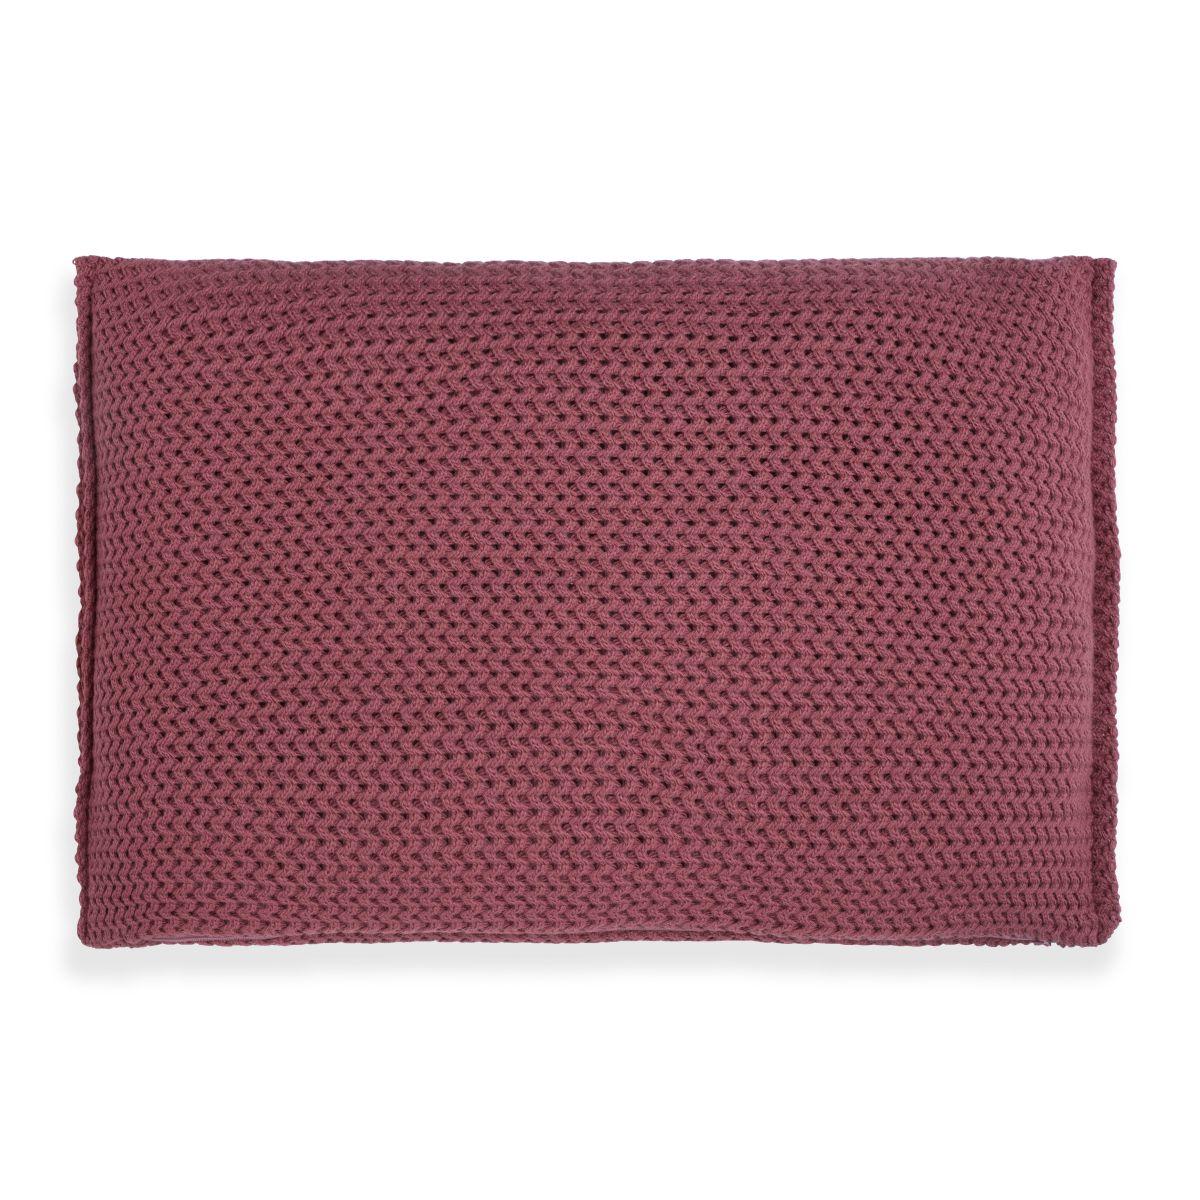 maxx cushion stone red 60x40